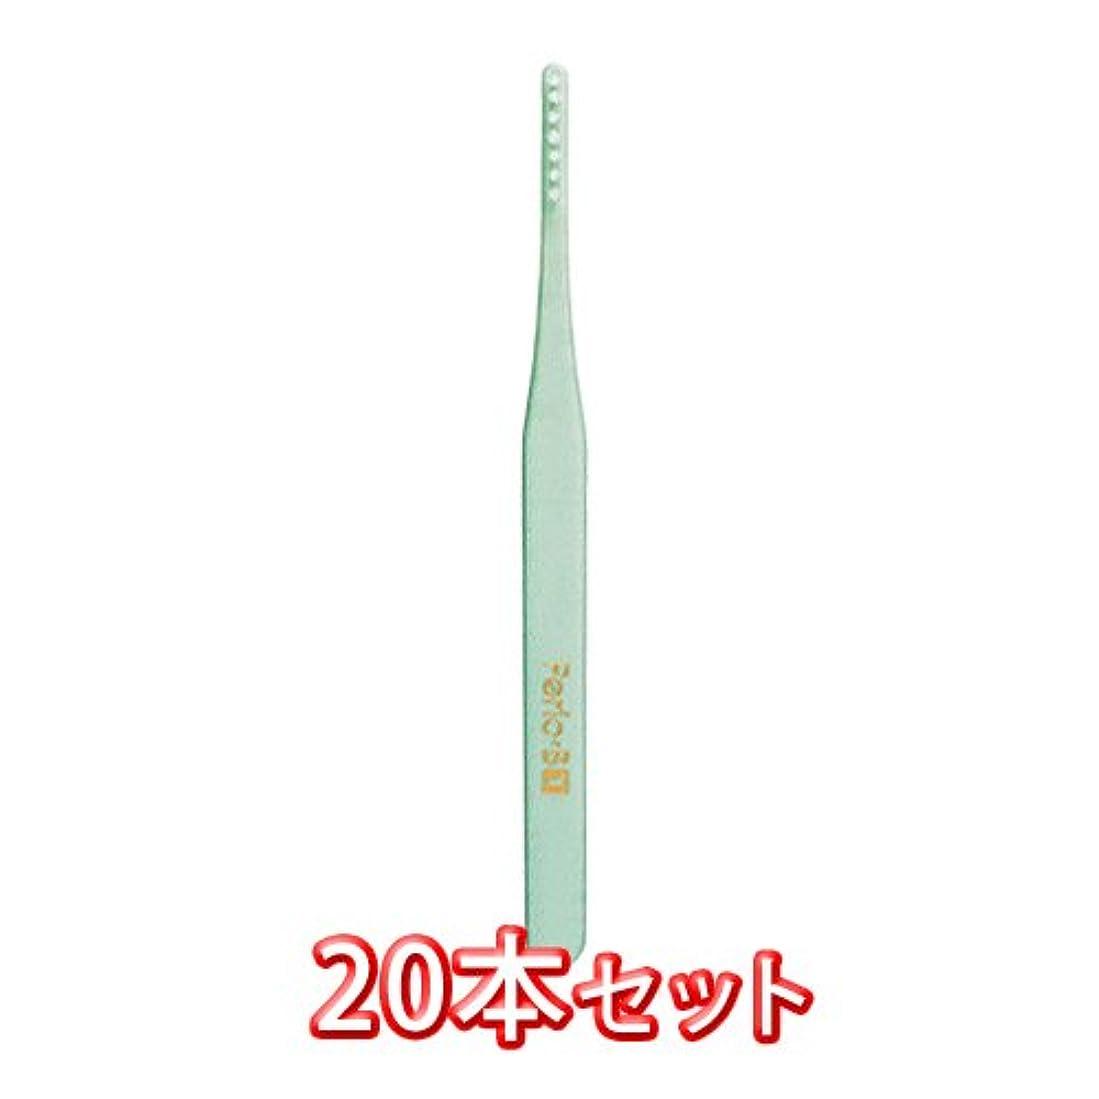 生む大宇宙発明サンスター ペリオ歯ブラシ 20本入 ぺリオB1